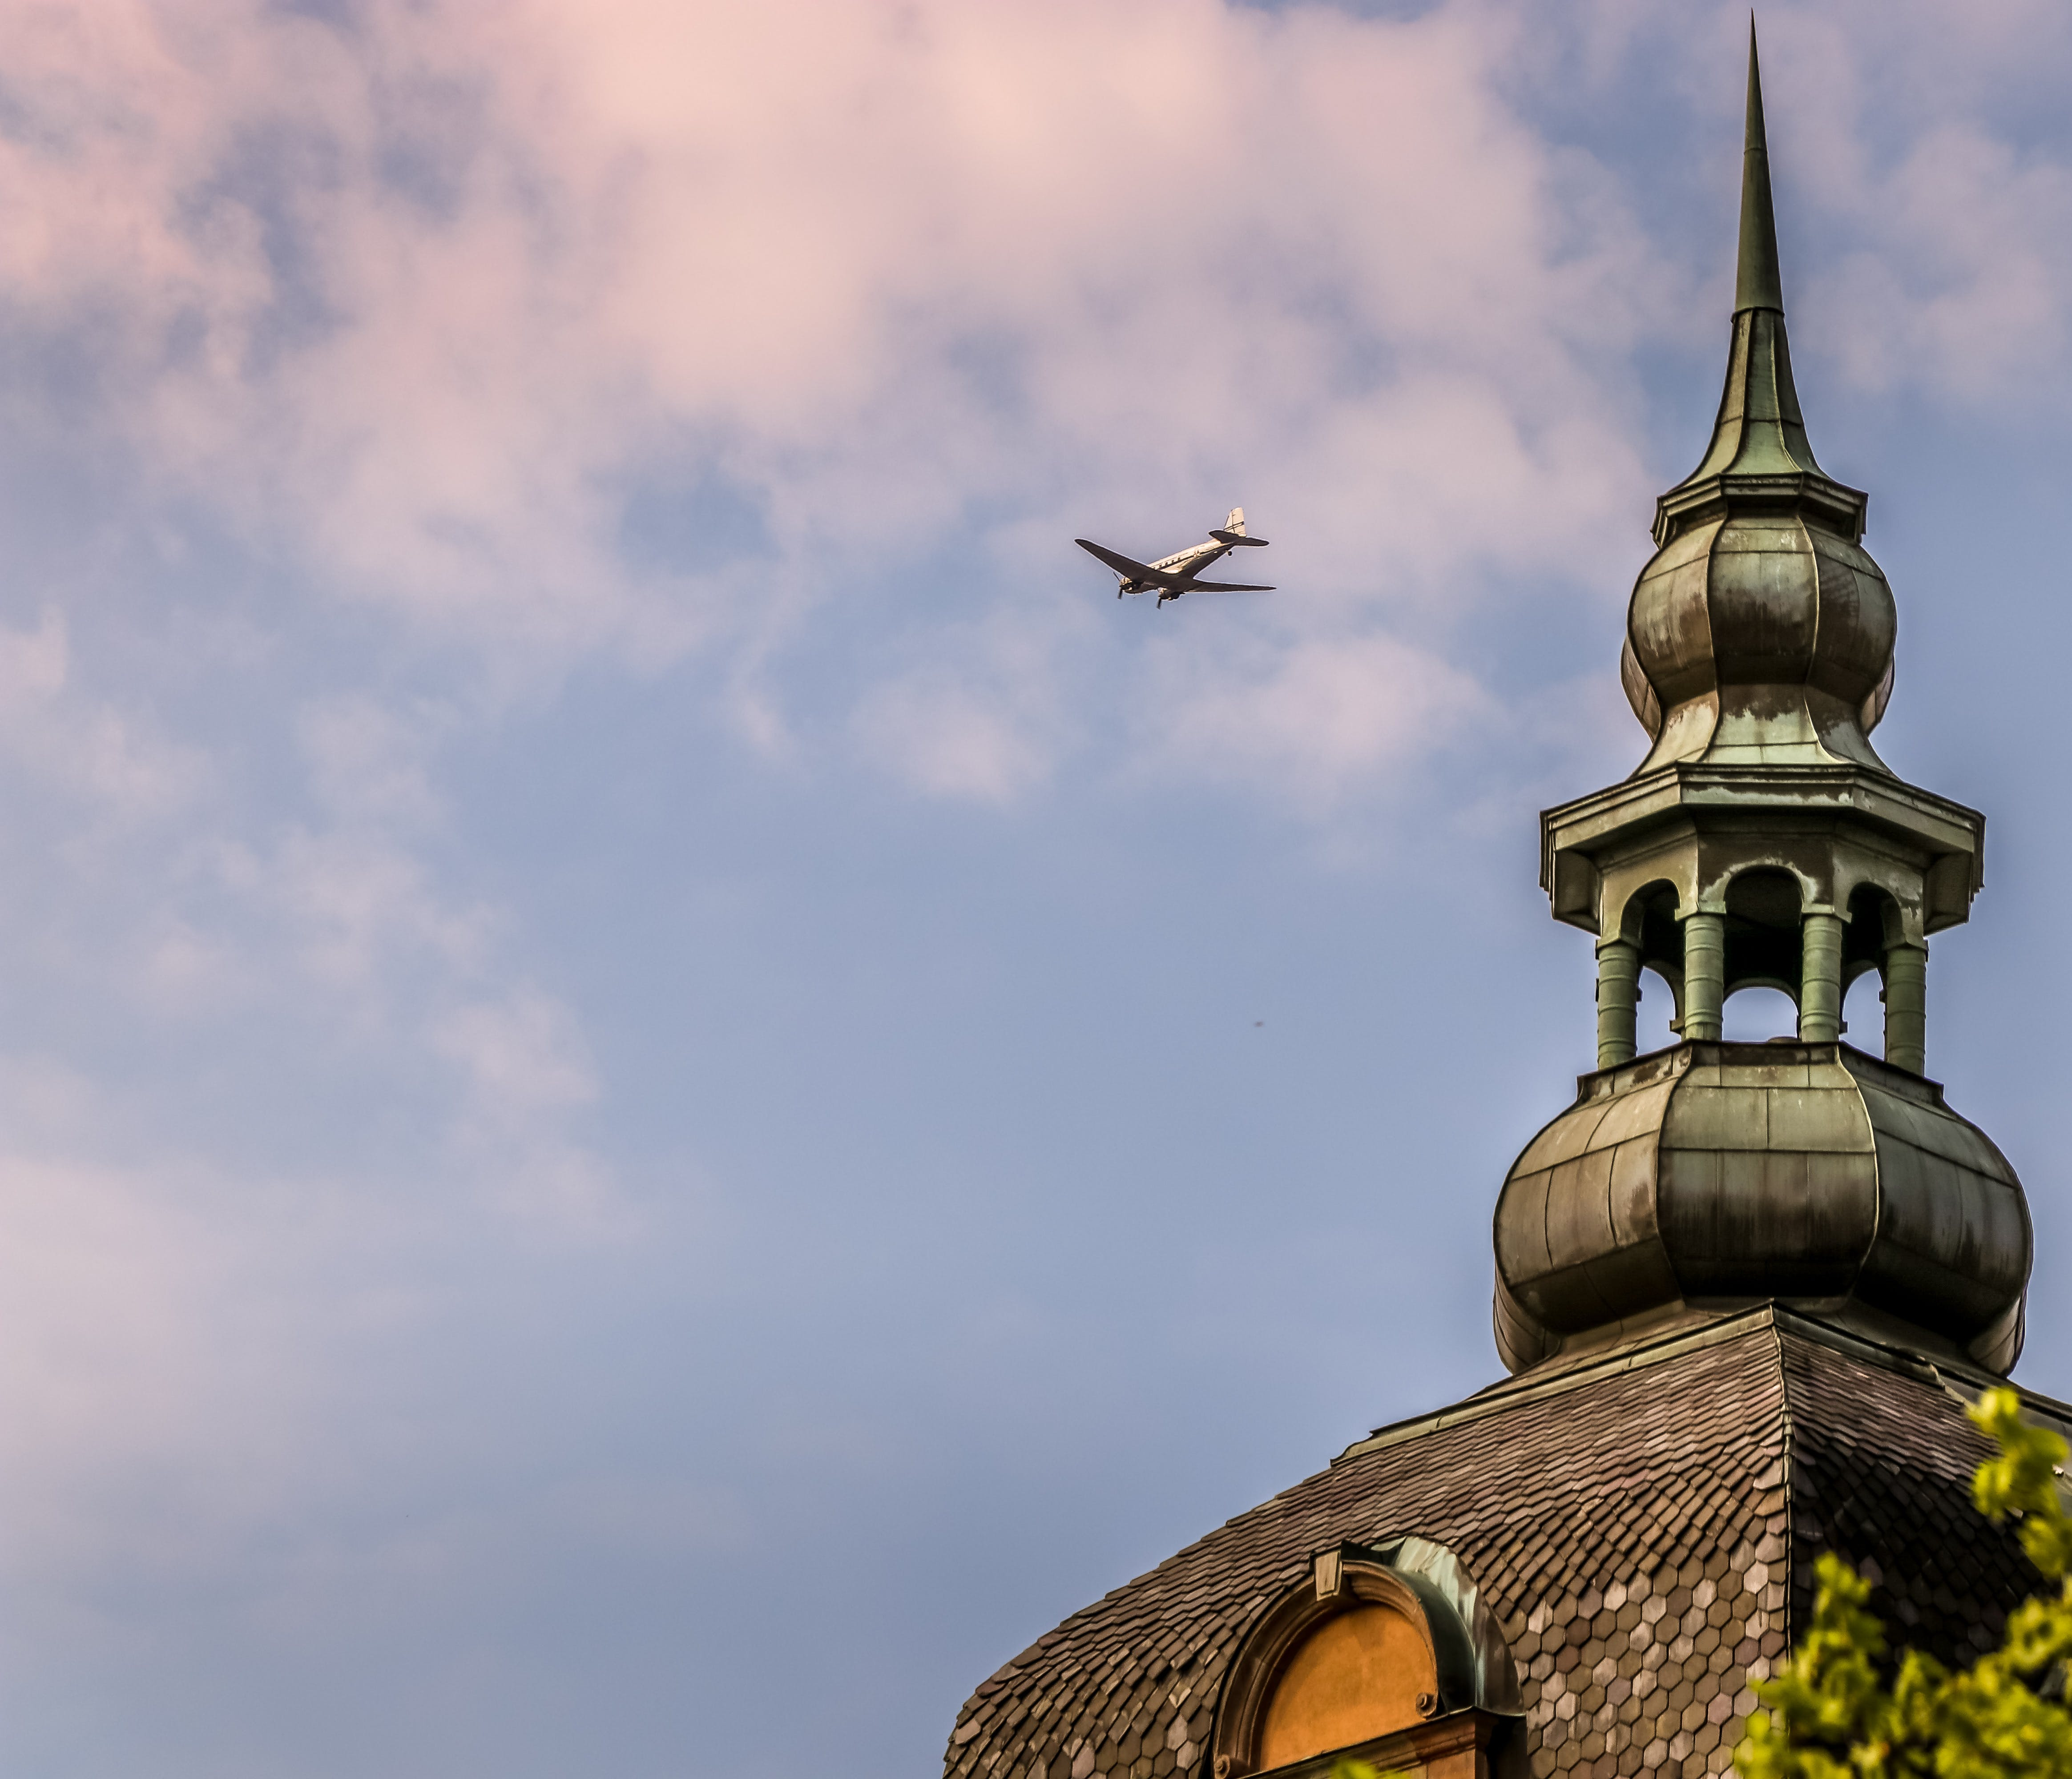 Δωρεάν στοκ φωτογραφιών με αεροπλάνο, γαλάζιος ουρανός, δωρεάν ταπετσαρία, κτίριο εκκλησίας